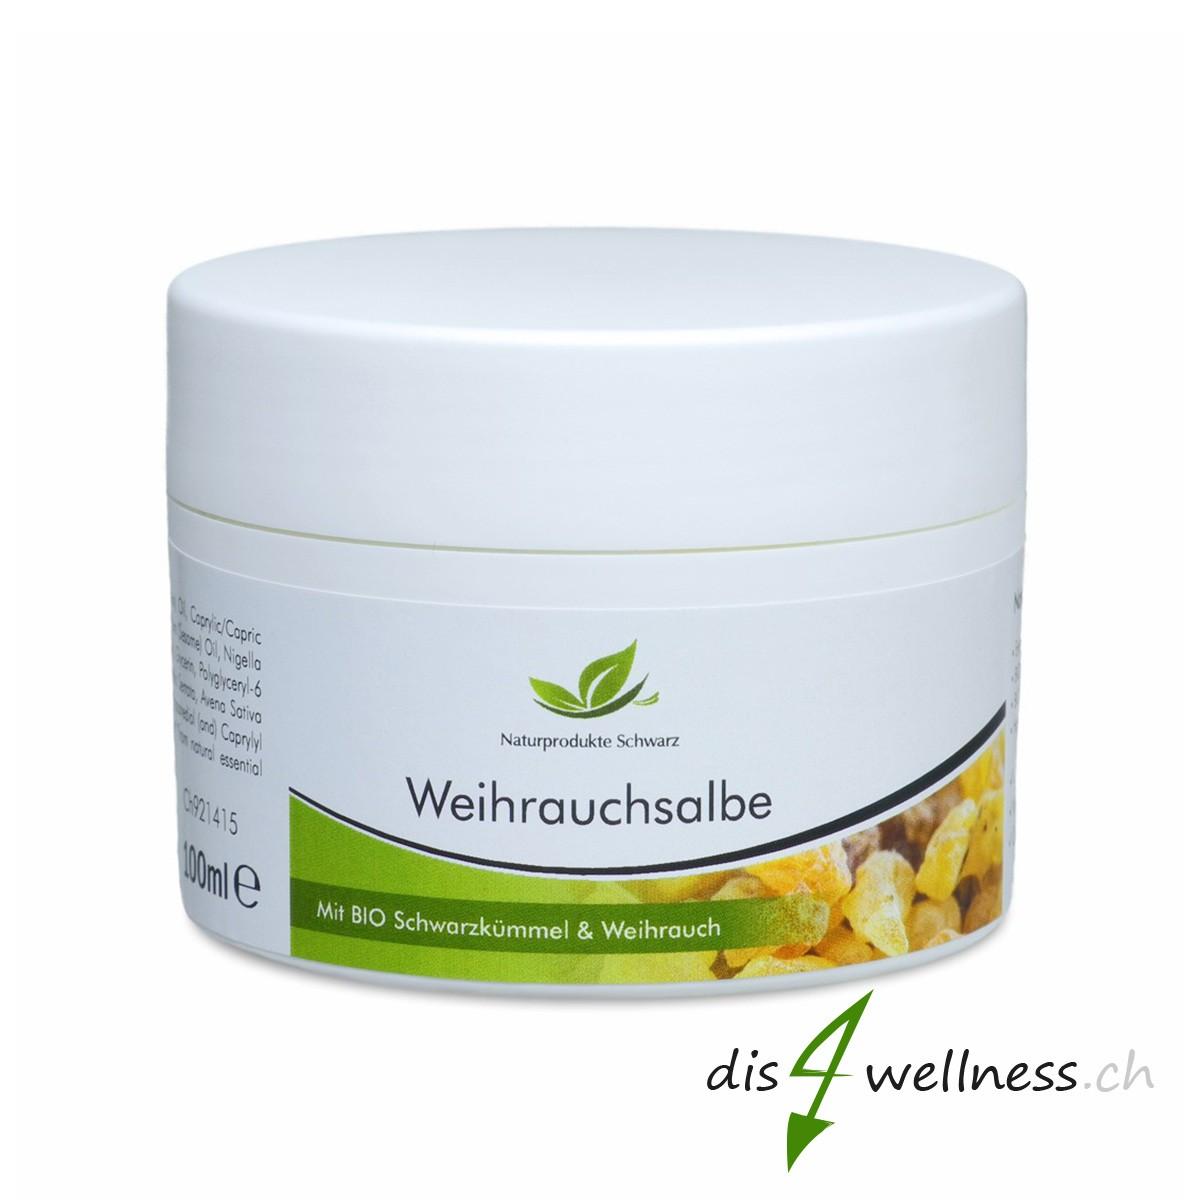 Weihrauchsalbe - Mit BIO-Schwarzkümmelöl und Weihrauchöl